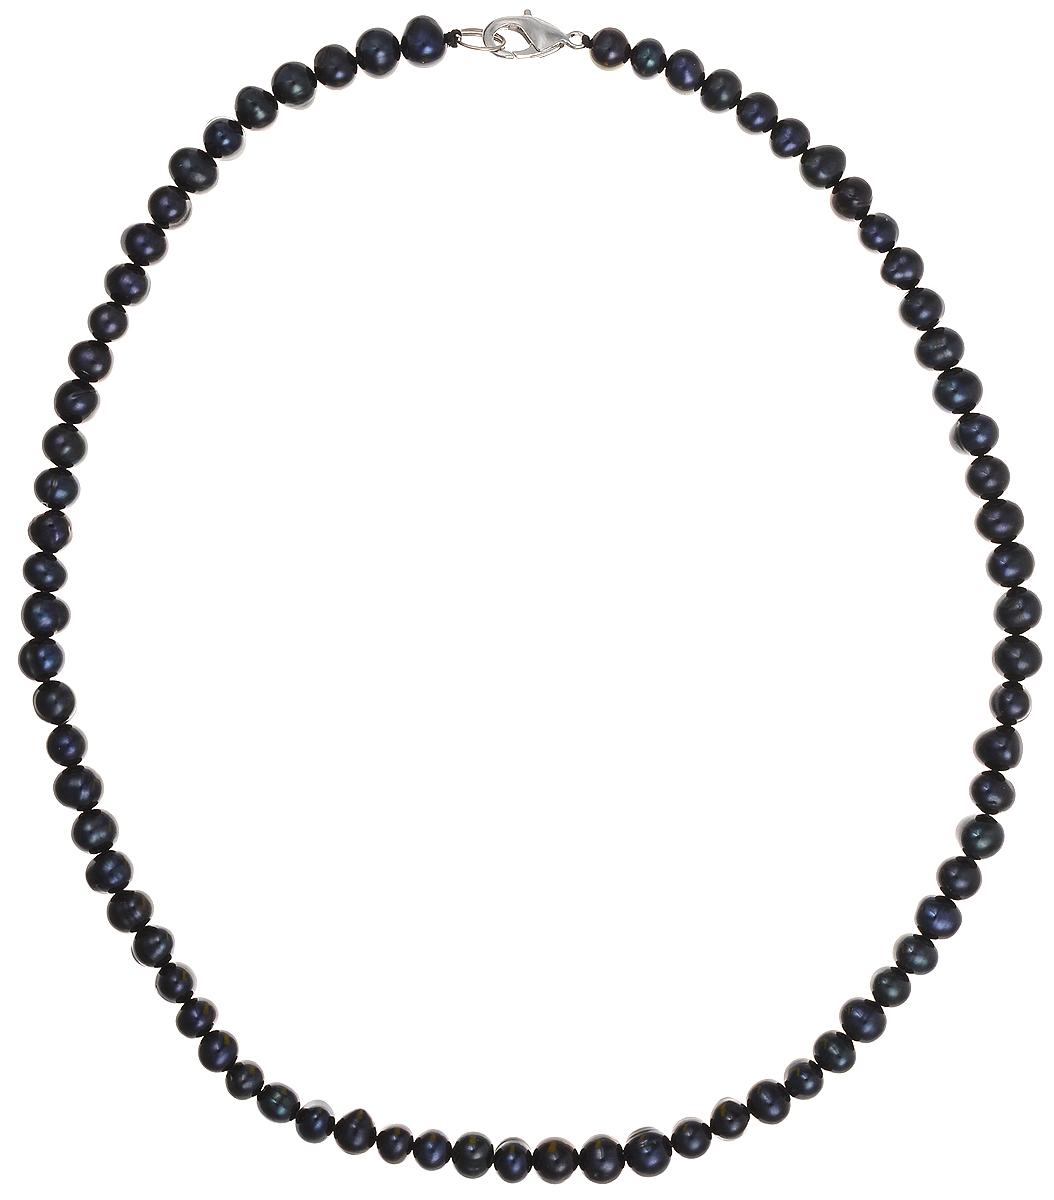 Бусы Art-Silver, цвет: синий, длина 45 см. КЖ7-8АА45-855КЖ7-8АА45-855Бусы Art-Silver подчеркнут изящество и непревзойденный вкус своей обладательницы. Они выполнены из бижутерного сплава и культивированного жемчуга диаметром 7 мм. Изделие оснащено удобным замком-карабином. Культивированный жемчуг - это практичный аналог природного жемчуга. Бусинки из прессованных раковин помещаются внутрь устрицы и возвращаются в воду. Когда бусины покрываются перламутром, их извлекают из моллюска. Форма жемчужины получается идеально ровной с приятным матовым блеском.